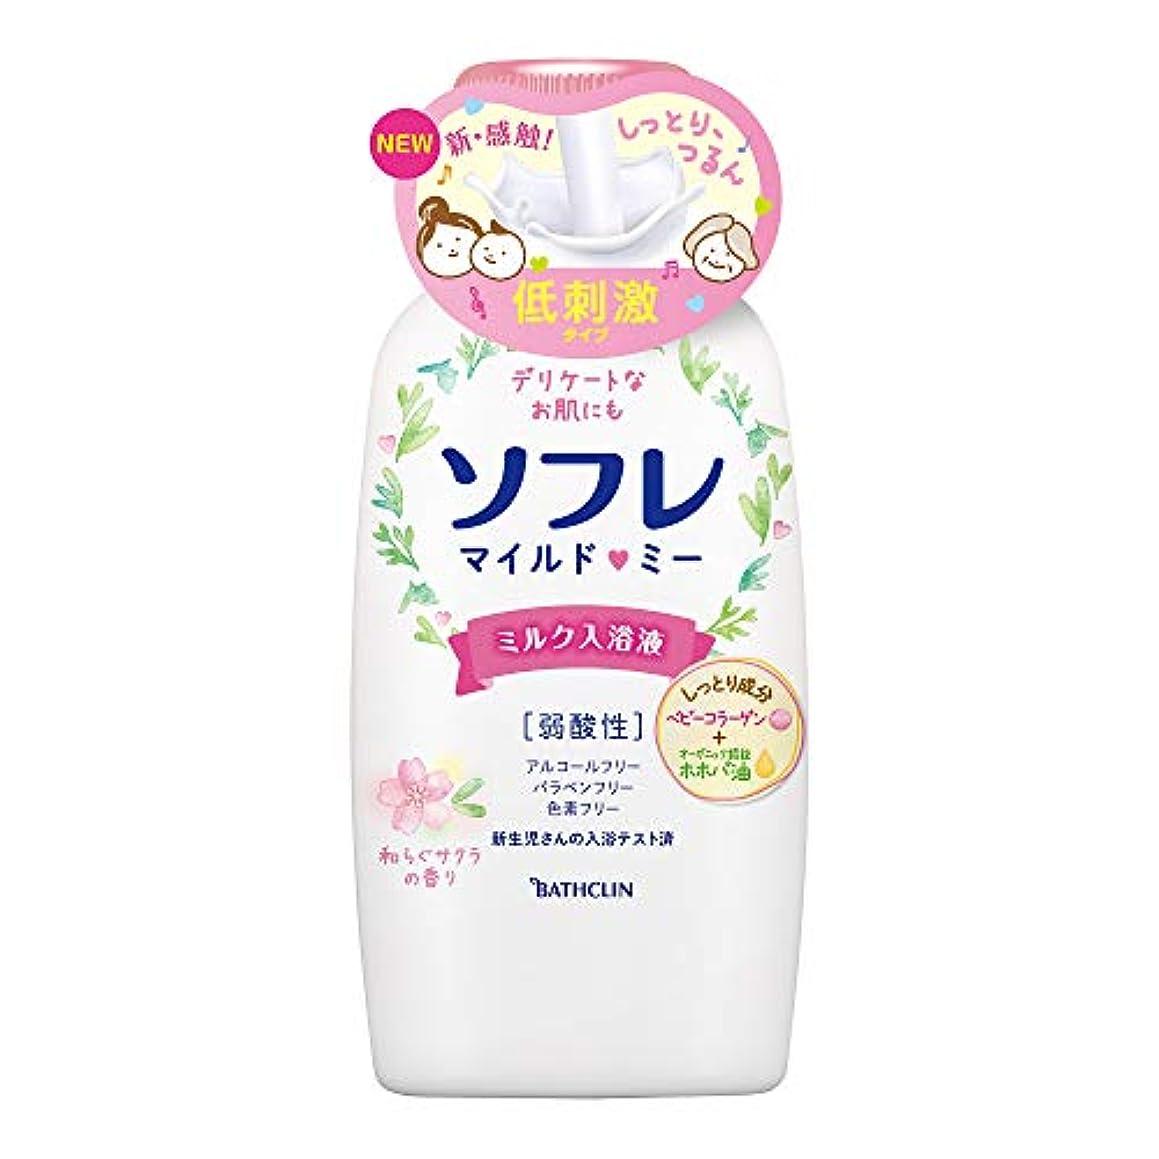 り寸前組み立てるバスクリン ソフレ入浴液 マイルド?ミー ミルク 和らぐサクラの香り 本体720mL保湿 成分配合 赤ちゃんと一緒に使えます。